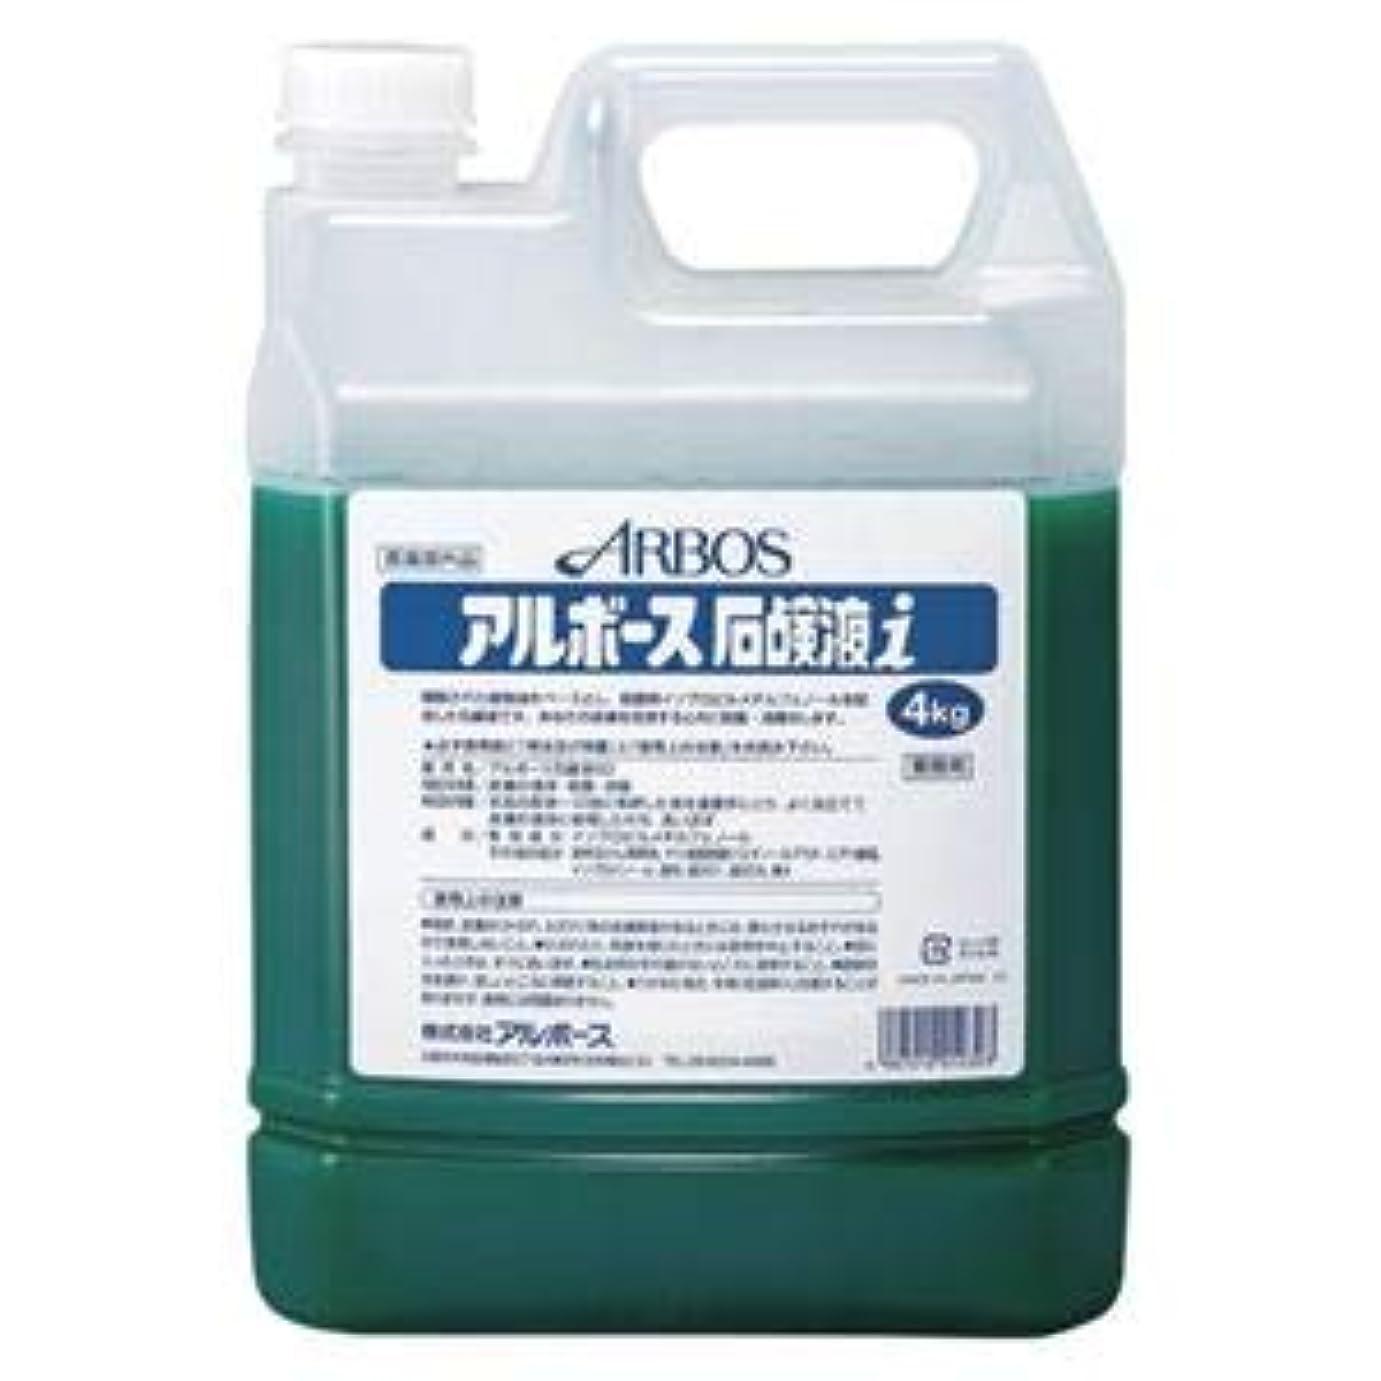 不確実南アメリカキラウエア山テラモト アルボース石鹸液 i 4kg SW-986-229-0